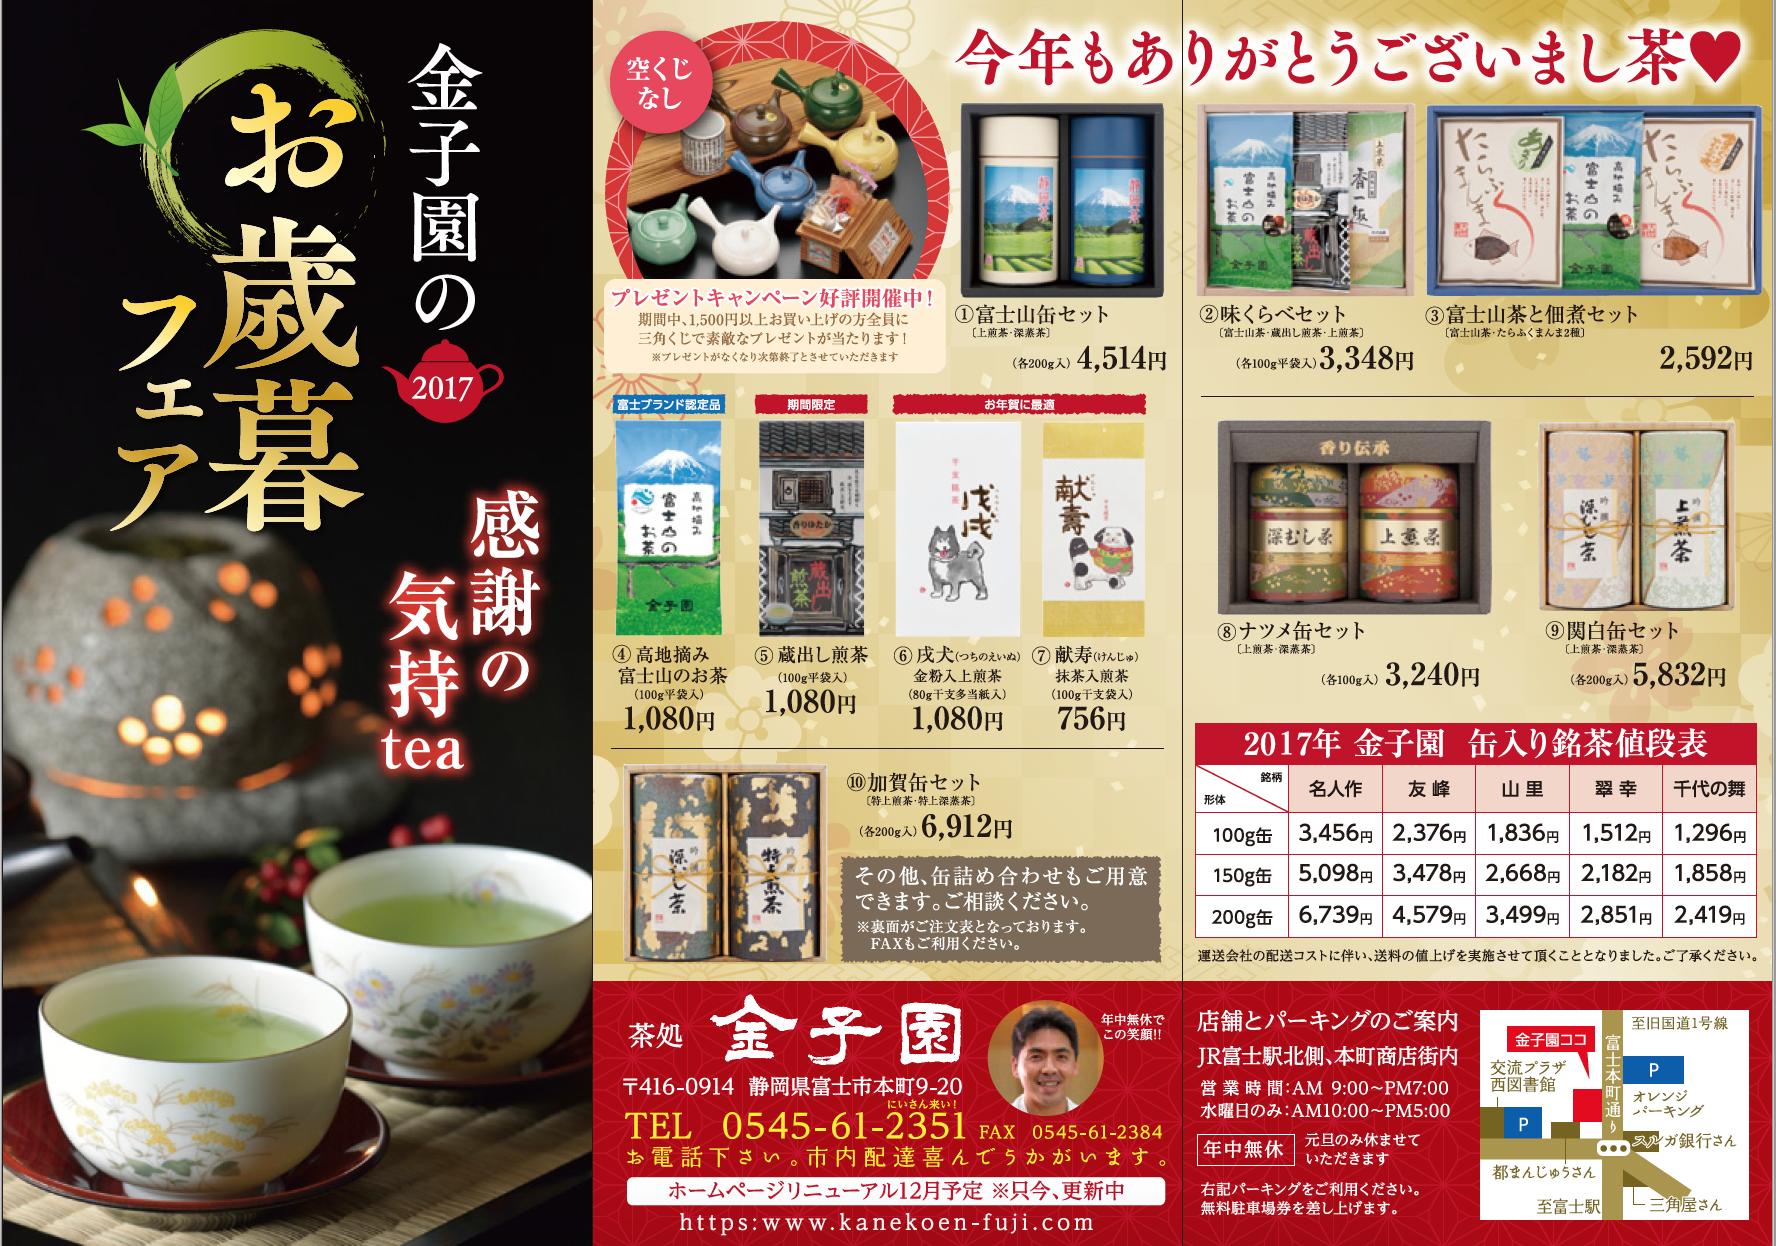 お年賀に静岡のお茶いかがですか??